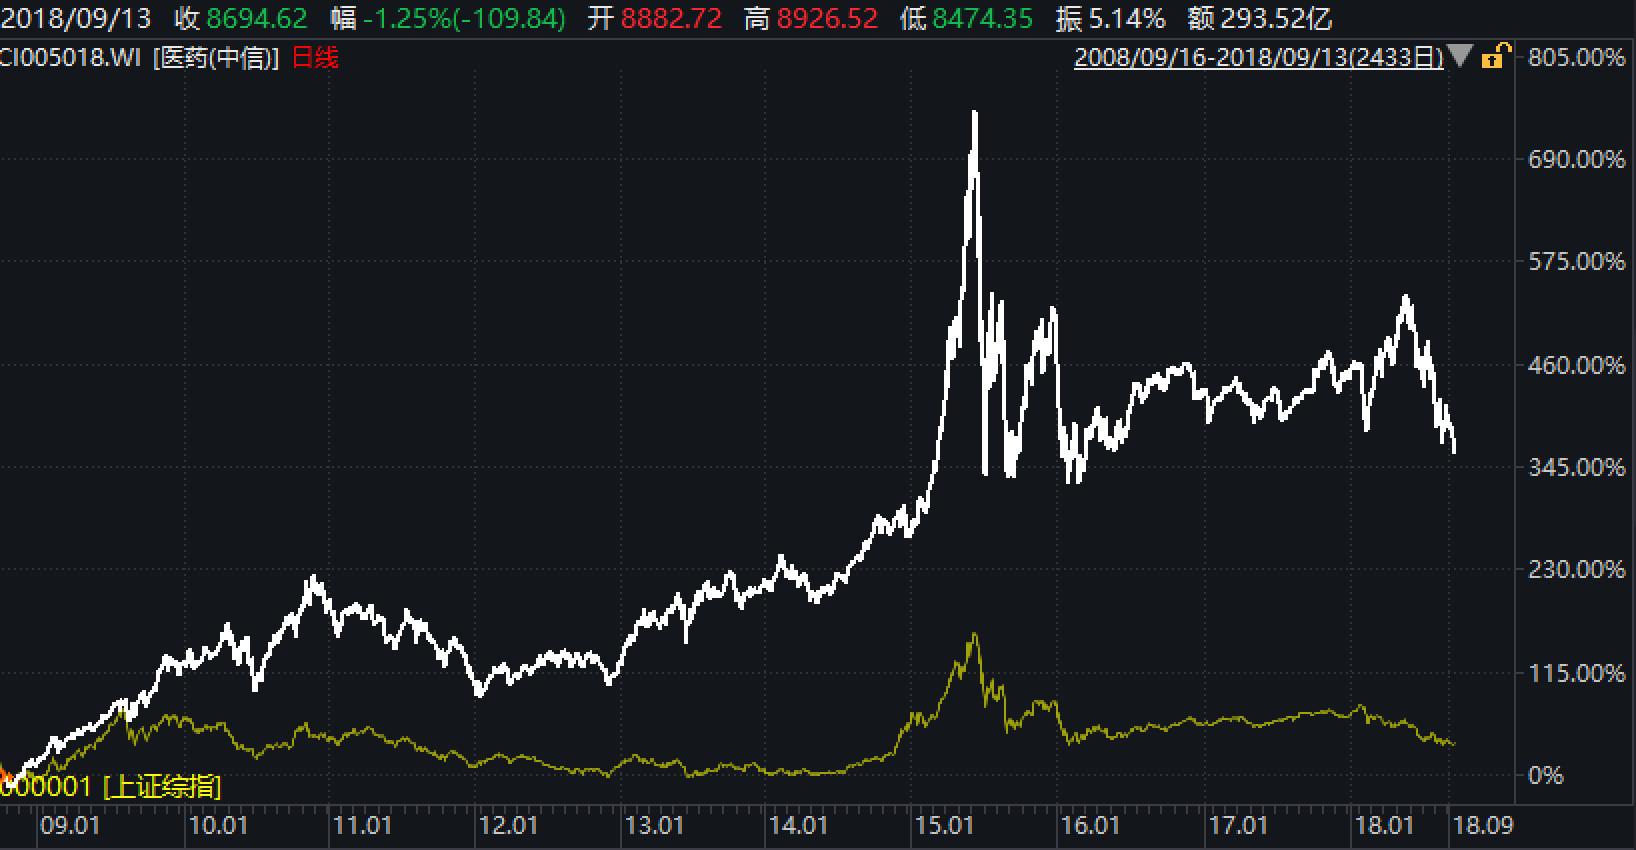 医药板块连崩两天 市场非常恐慌 到底发生了什么?